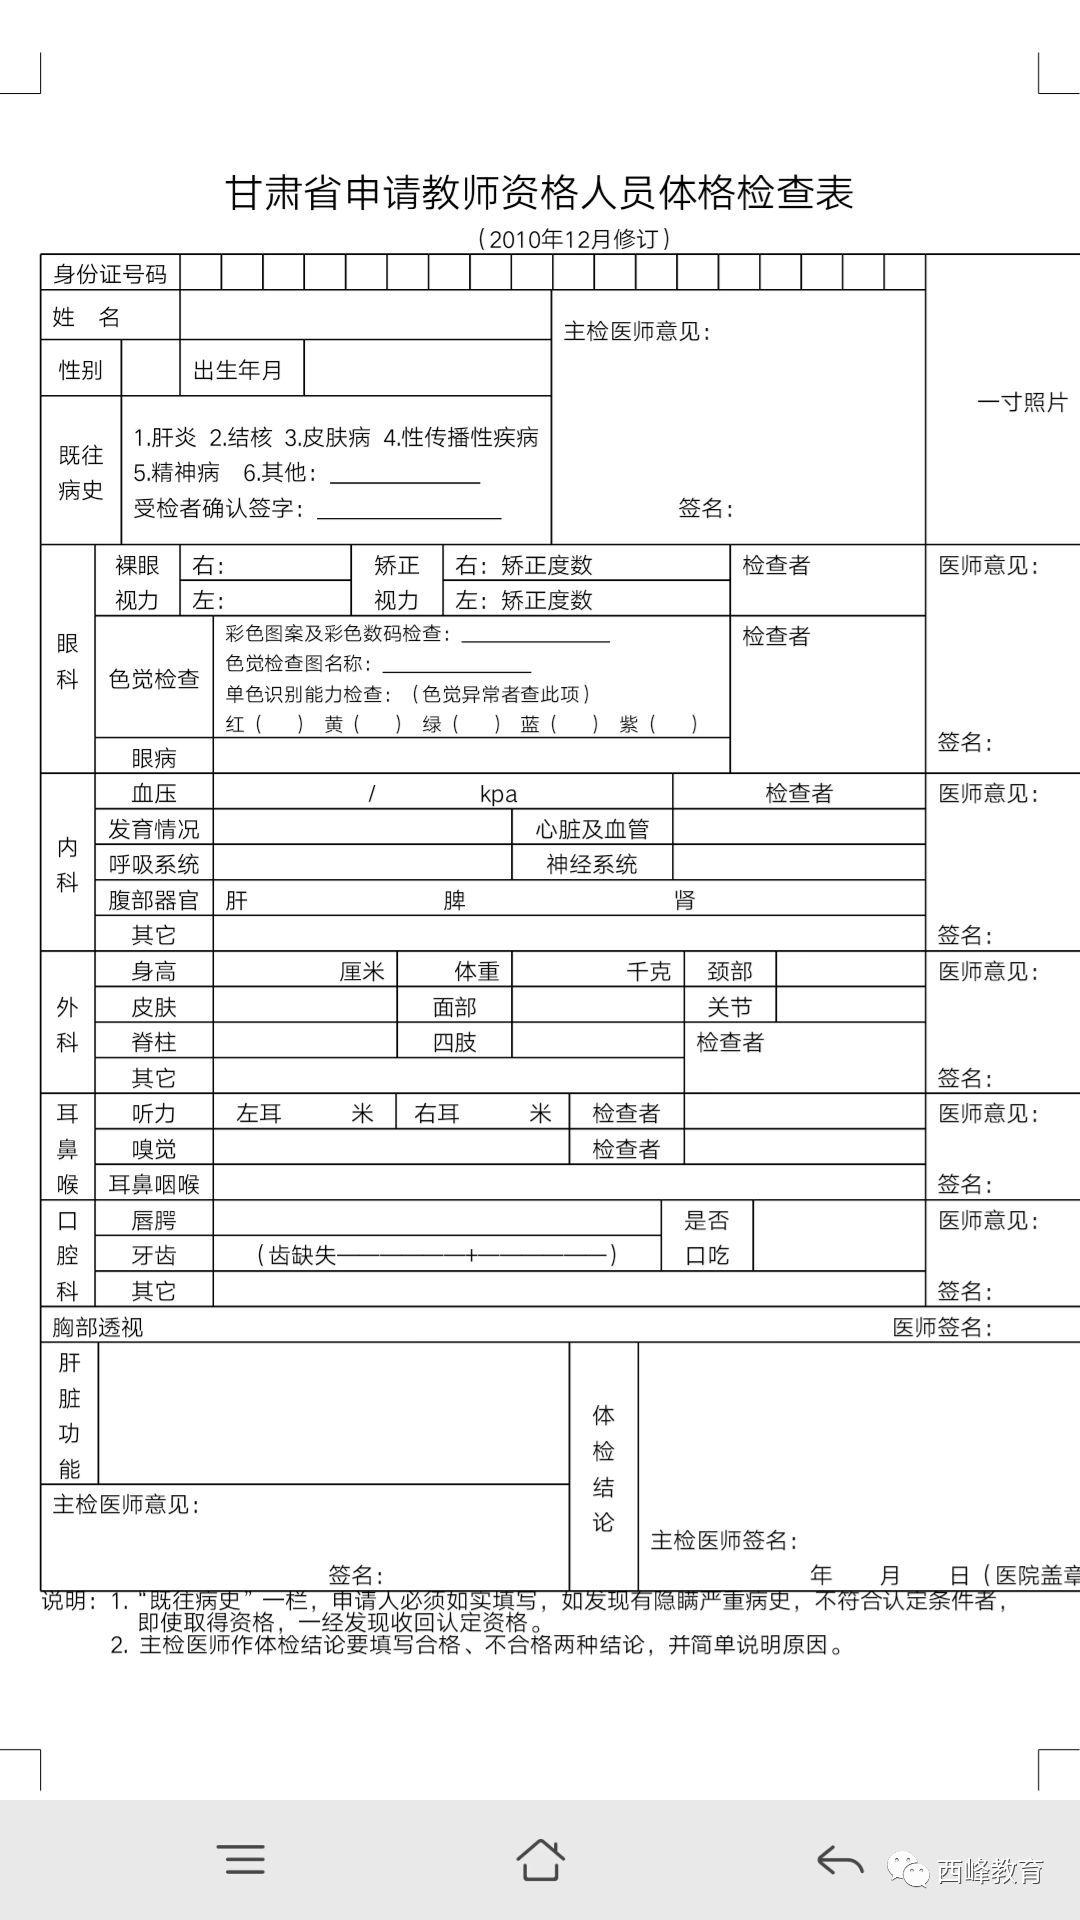 3.甘肃省申请幼儿园教师资格人员体格检查表